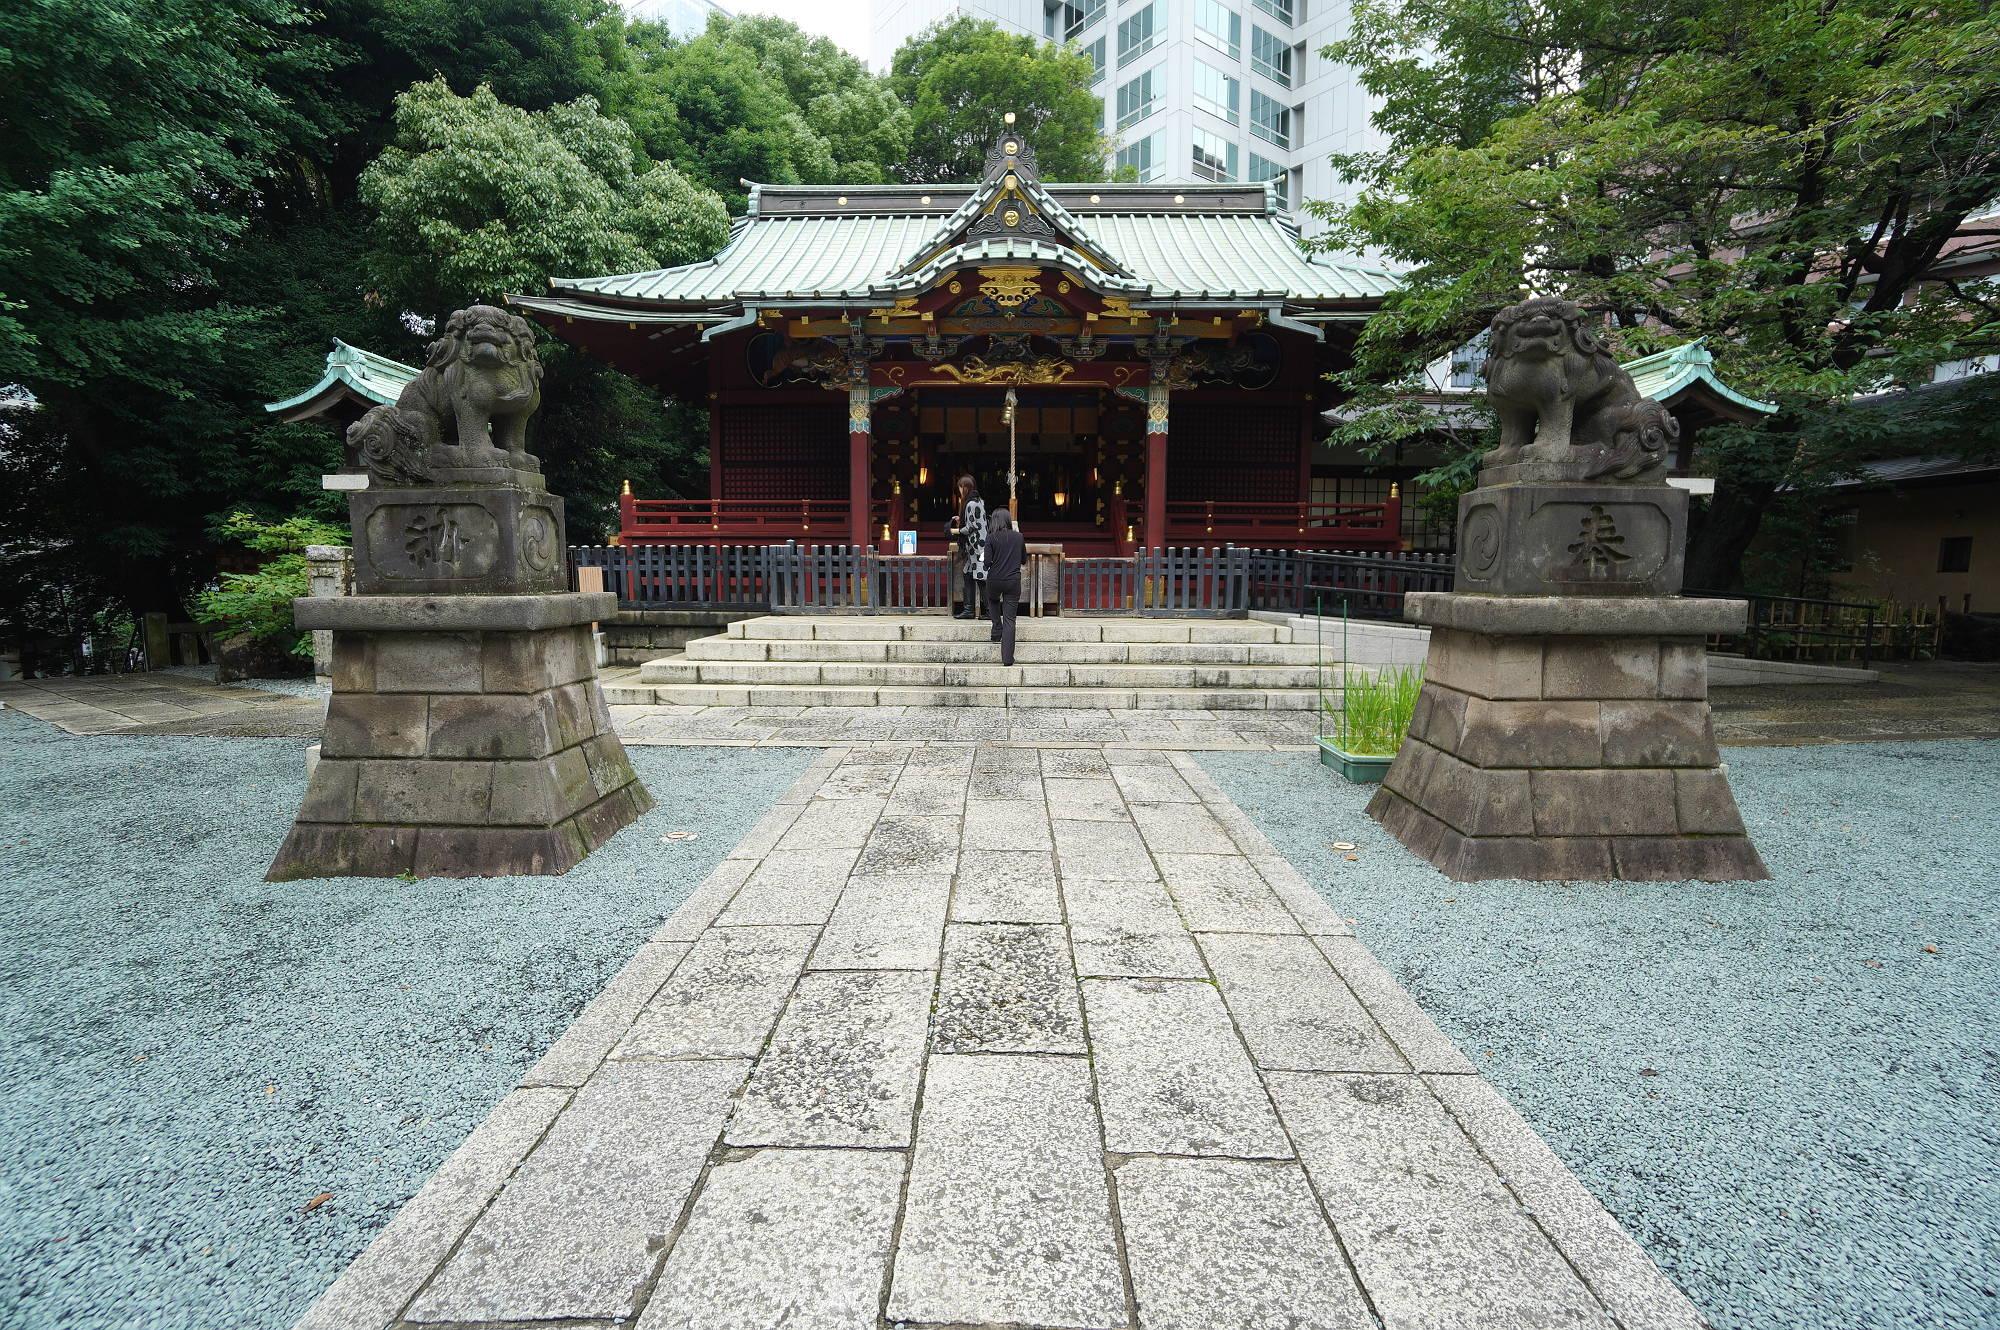 金王八幡宮の社殿(本殿)